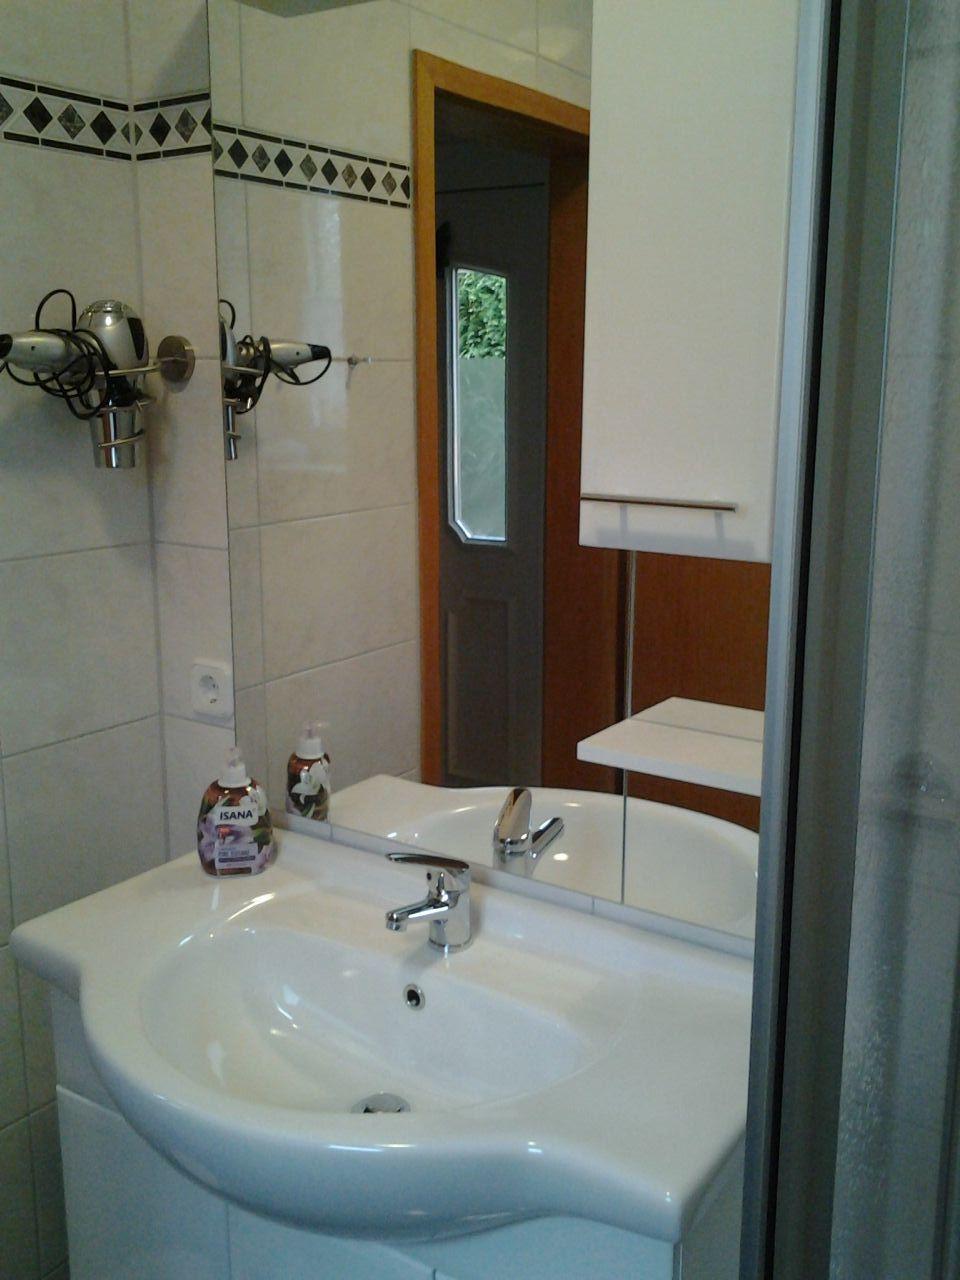 Appartement barbara in cuxhaven niedersachsen ludwig und - Ludwig badezimmer ...